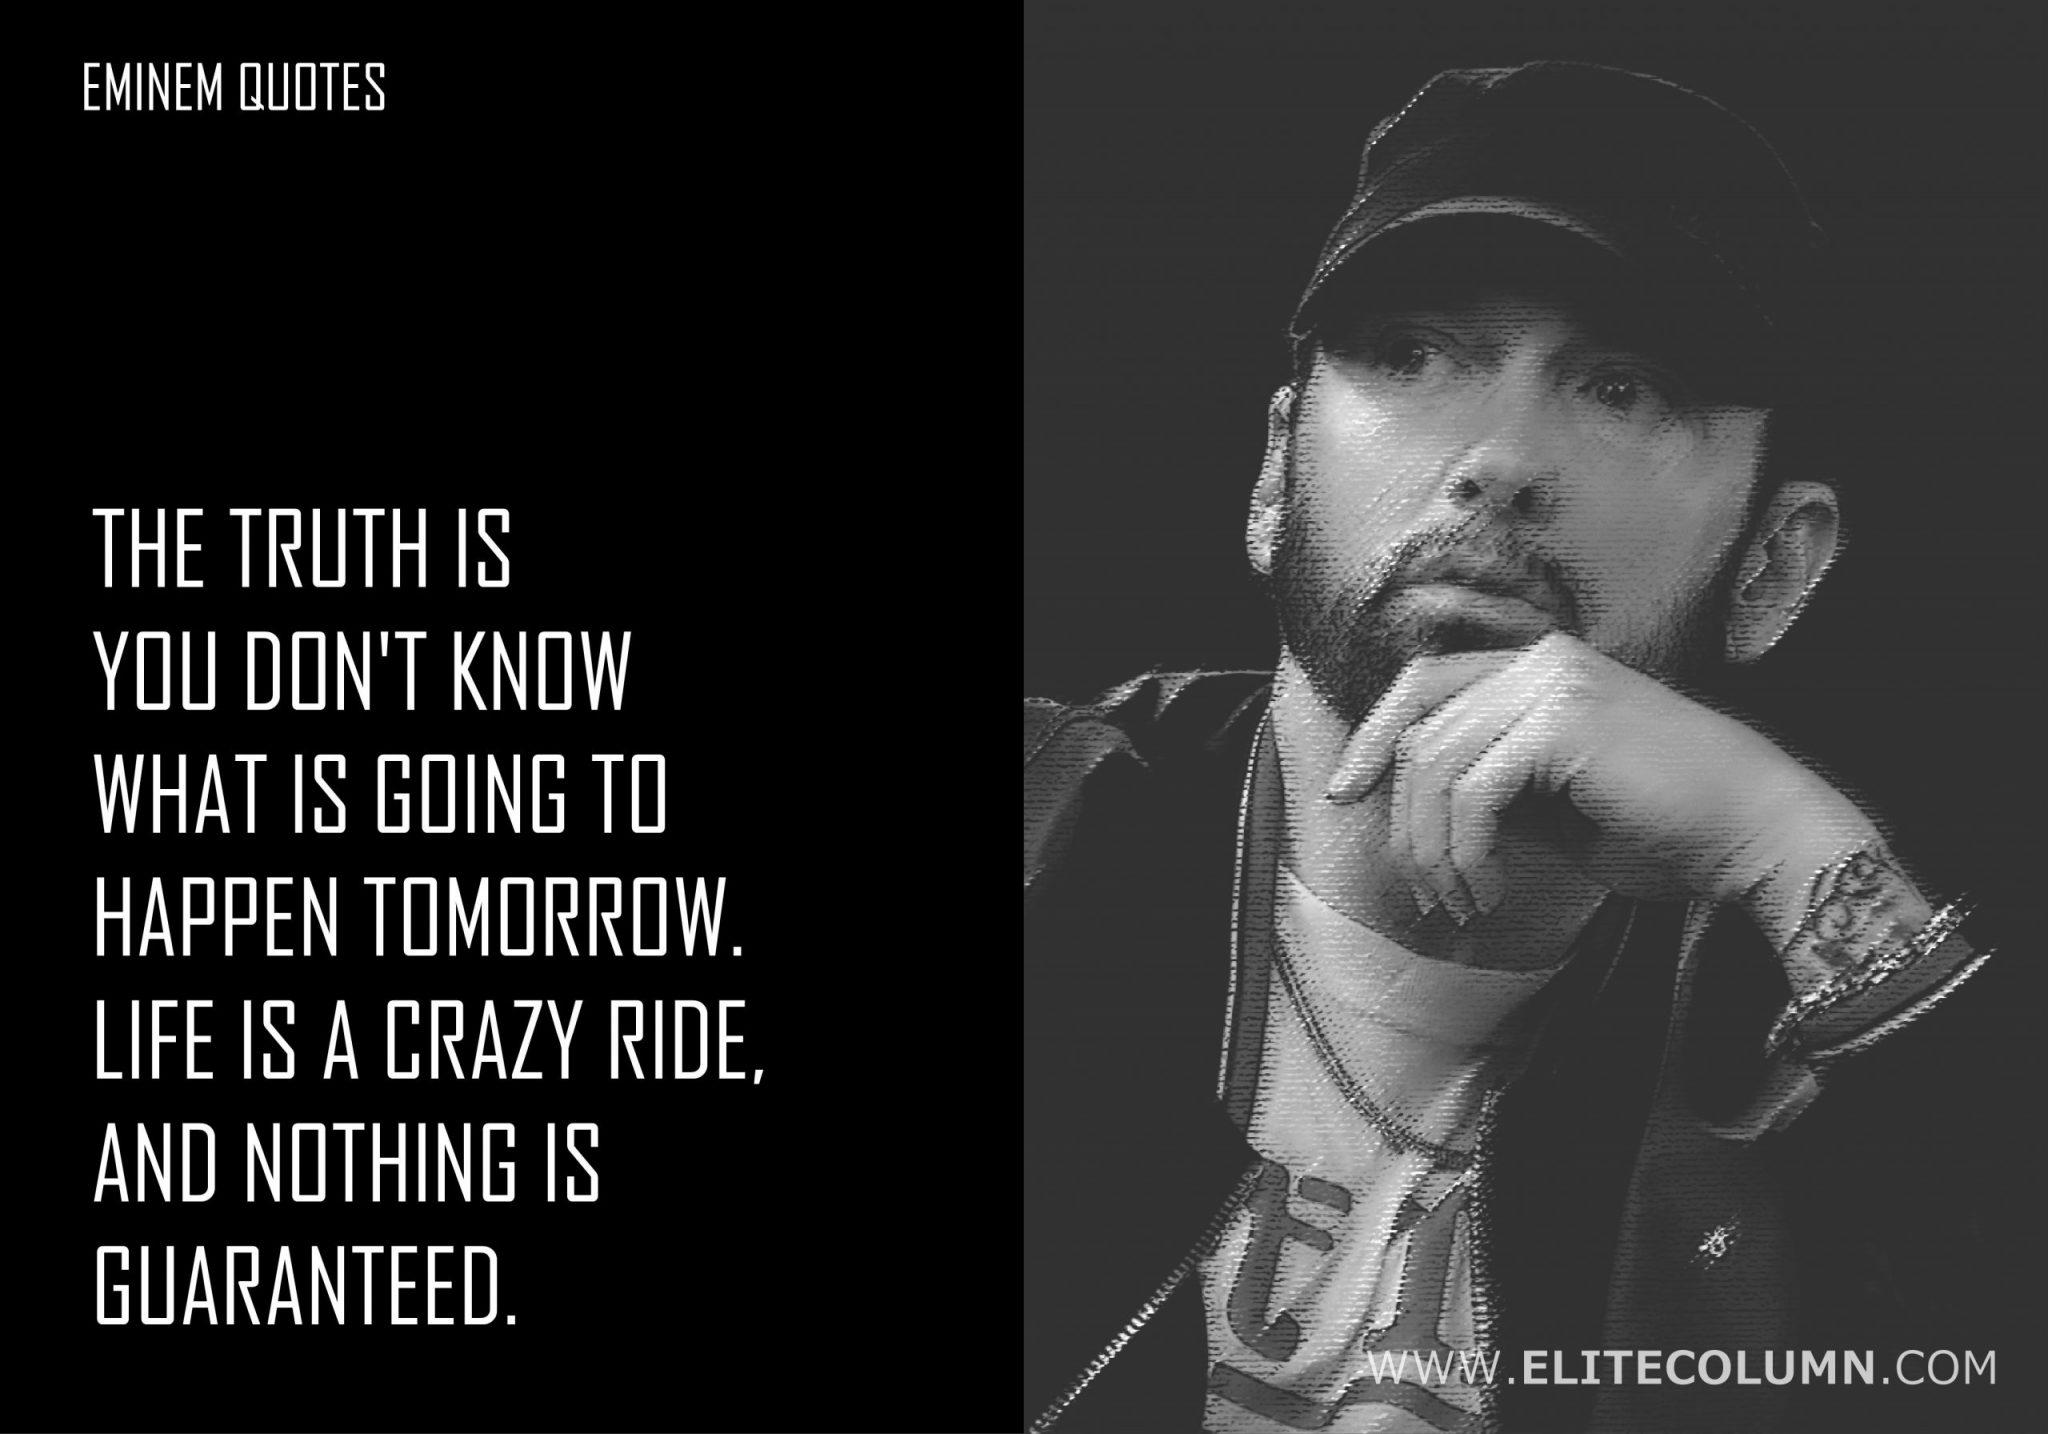 Eminem Quotes (12)